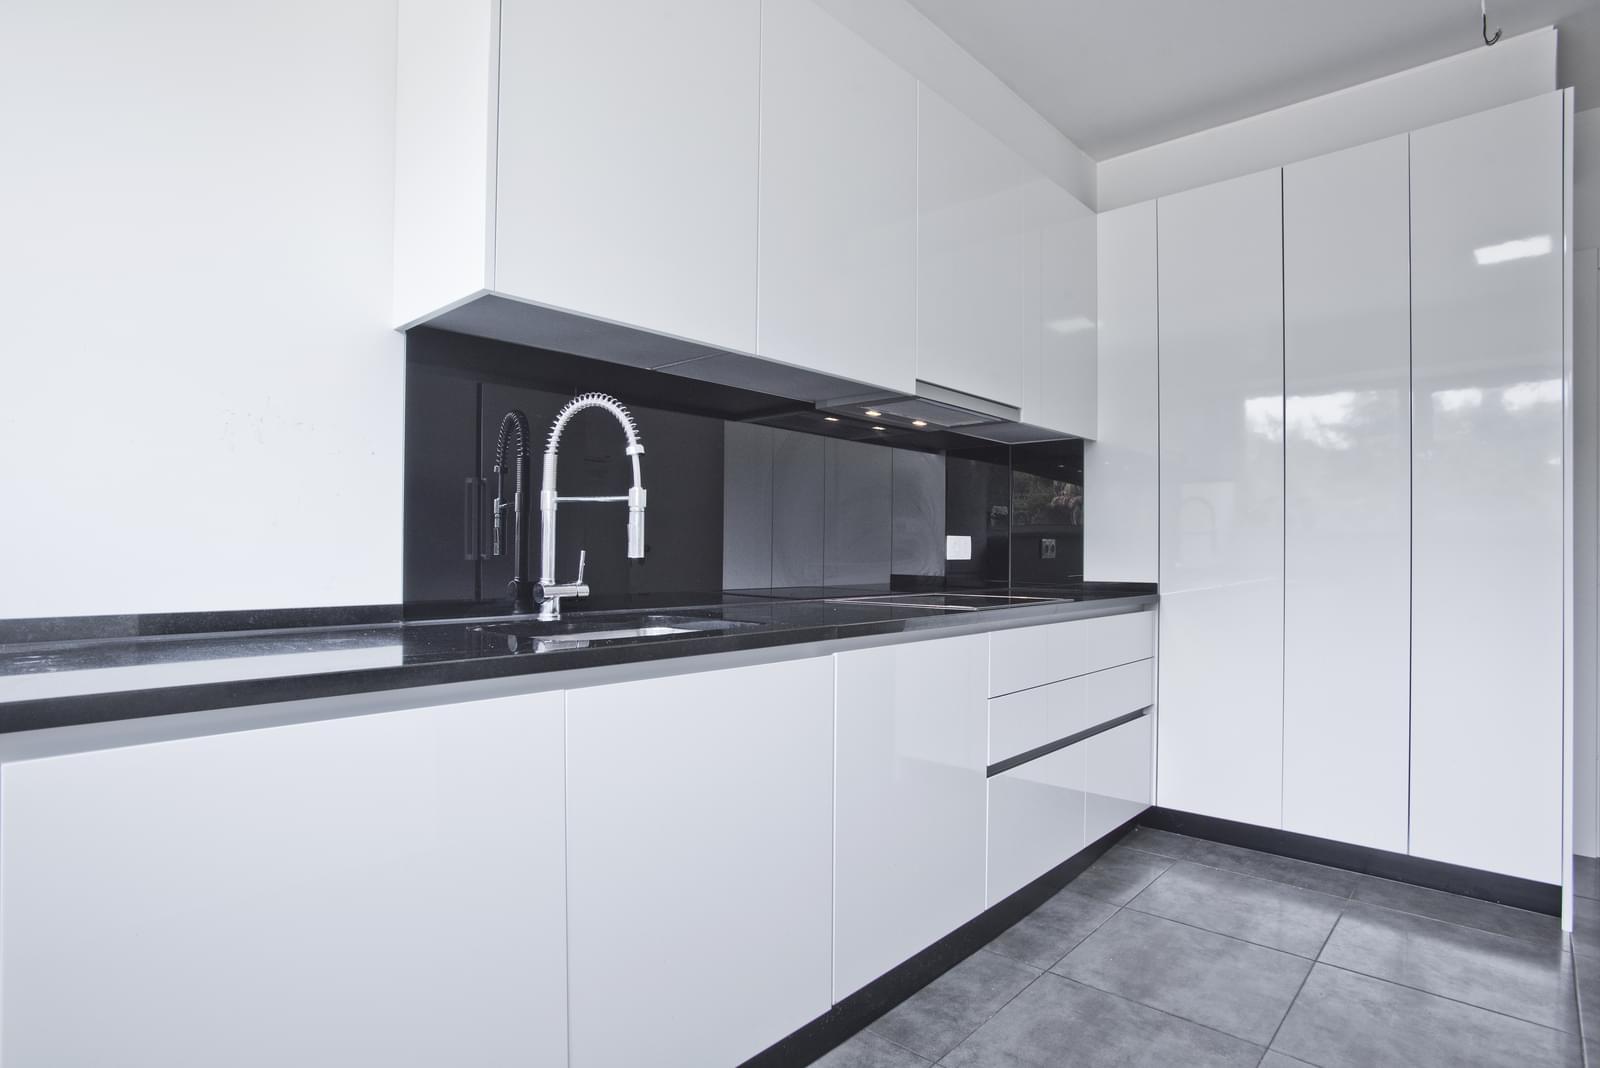 pf13975-apartamento-t4-oeiras-0ccff8c9-dc51-494f-8015-0856d6776d23